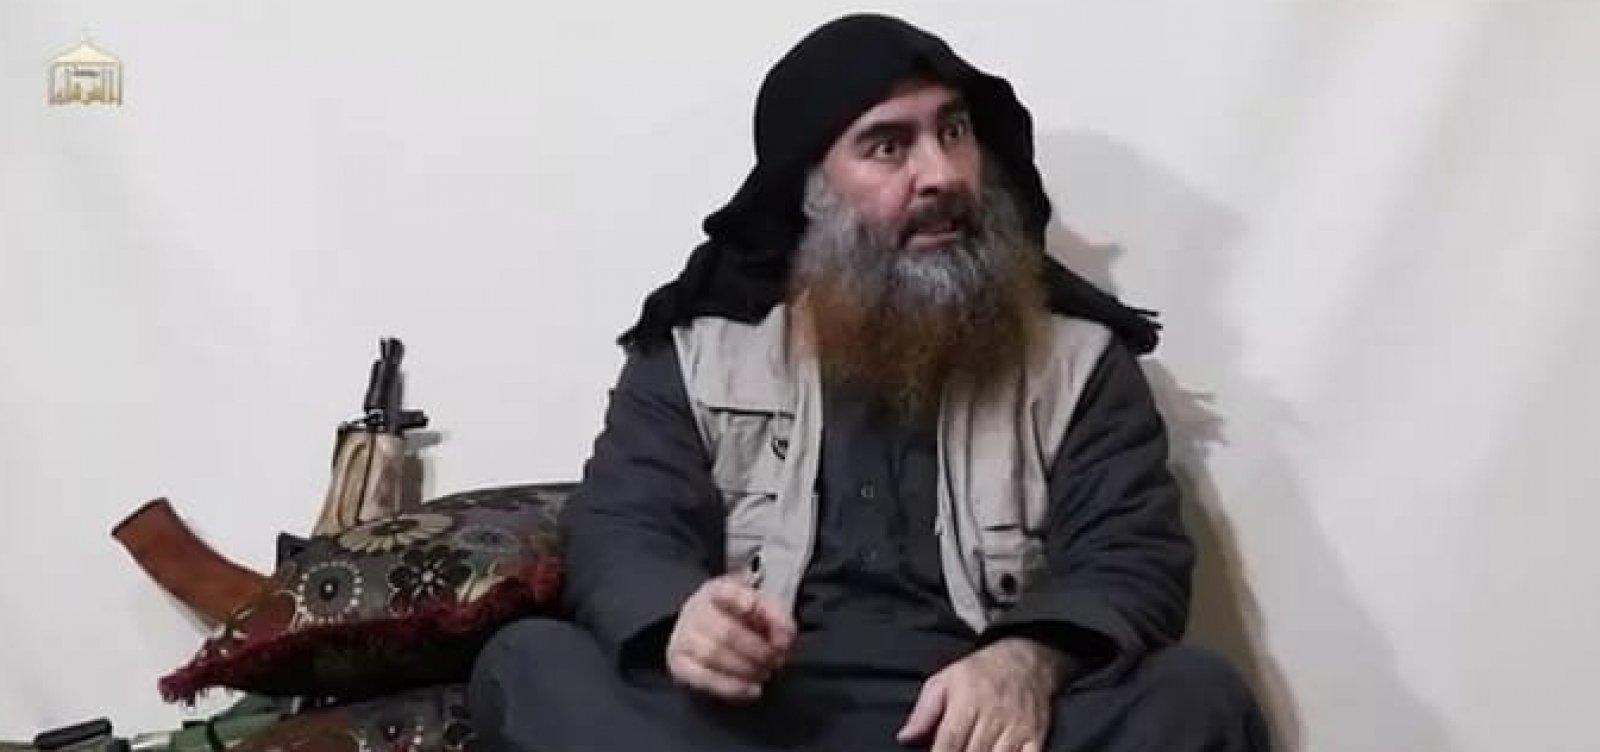 Líder do Estado Islâmico morre em operação dos EUA